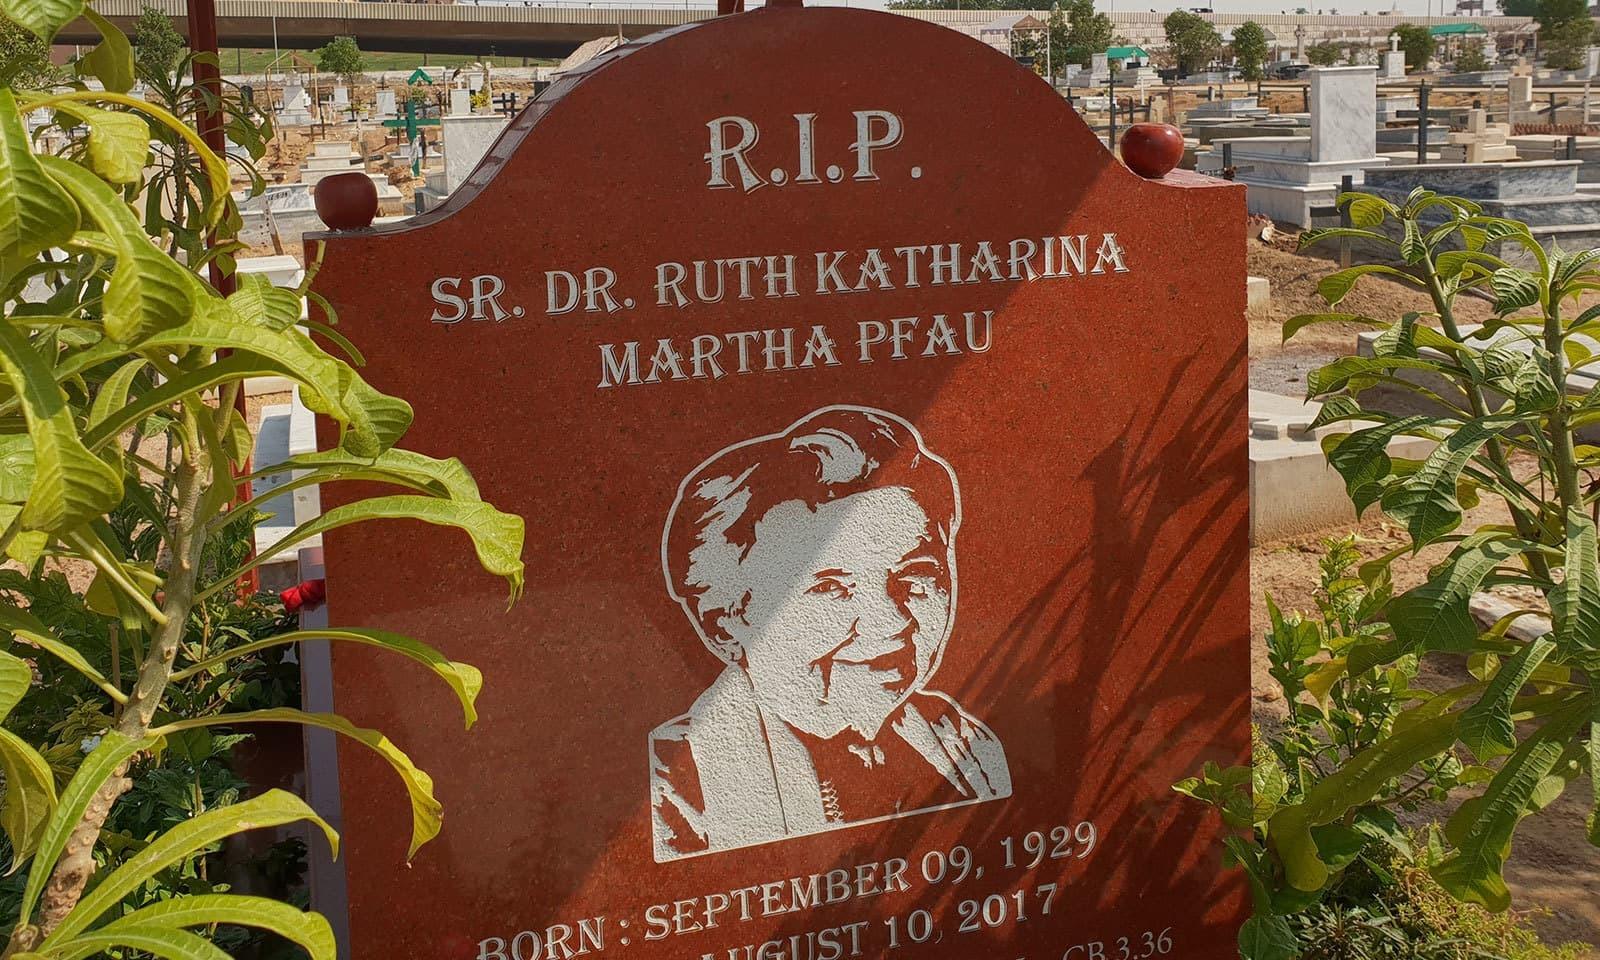 پاکستانی مدر ٹریسا کہلائی جانے والی ڈاکٹر رتھ فاؤ کی ڈیجیٹل قبر—تصاویر: وقار محمد خان